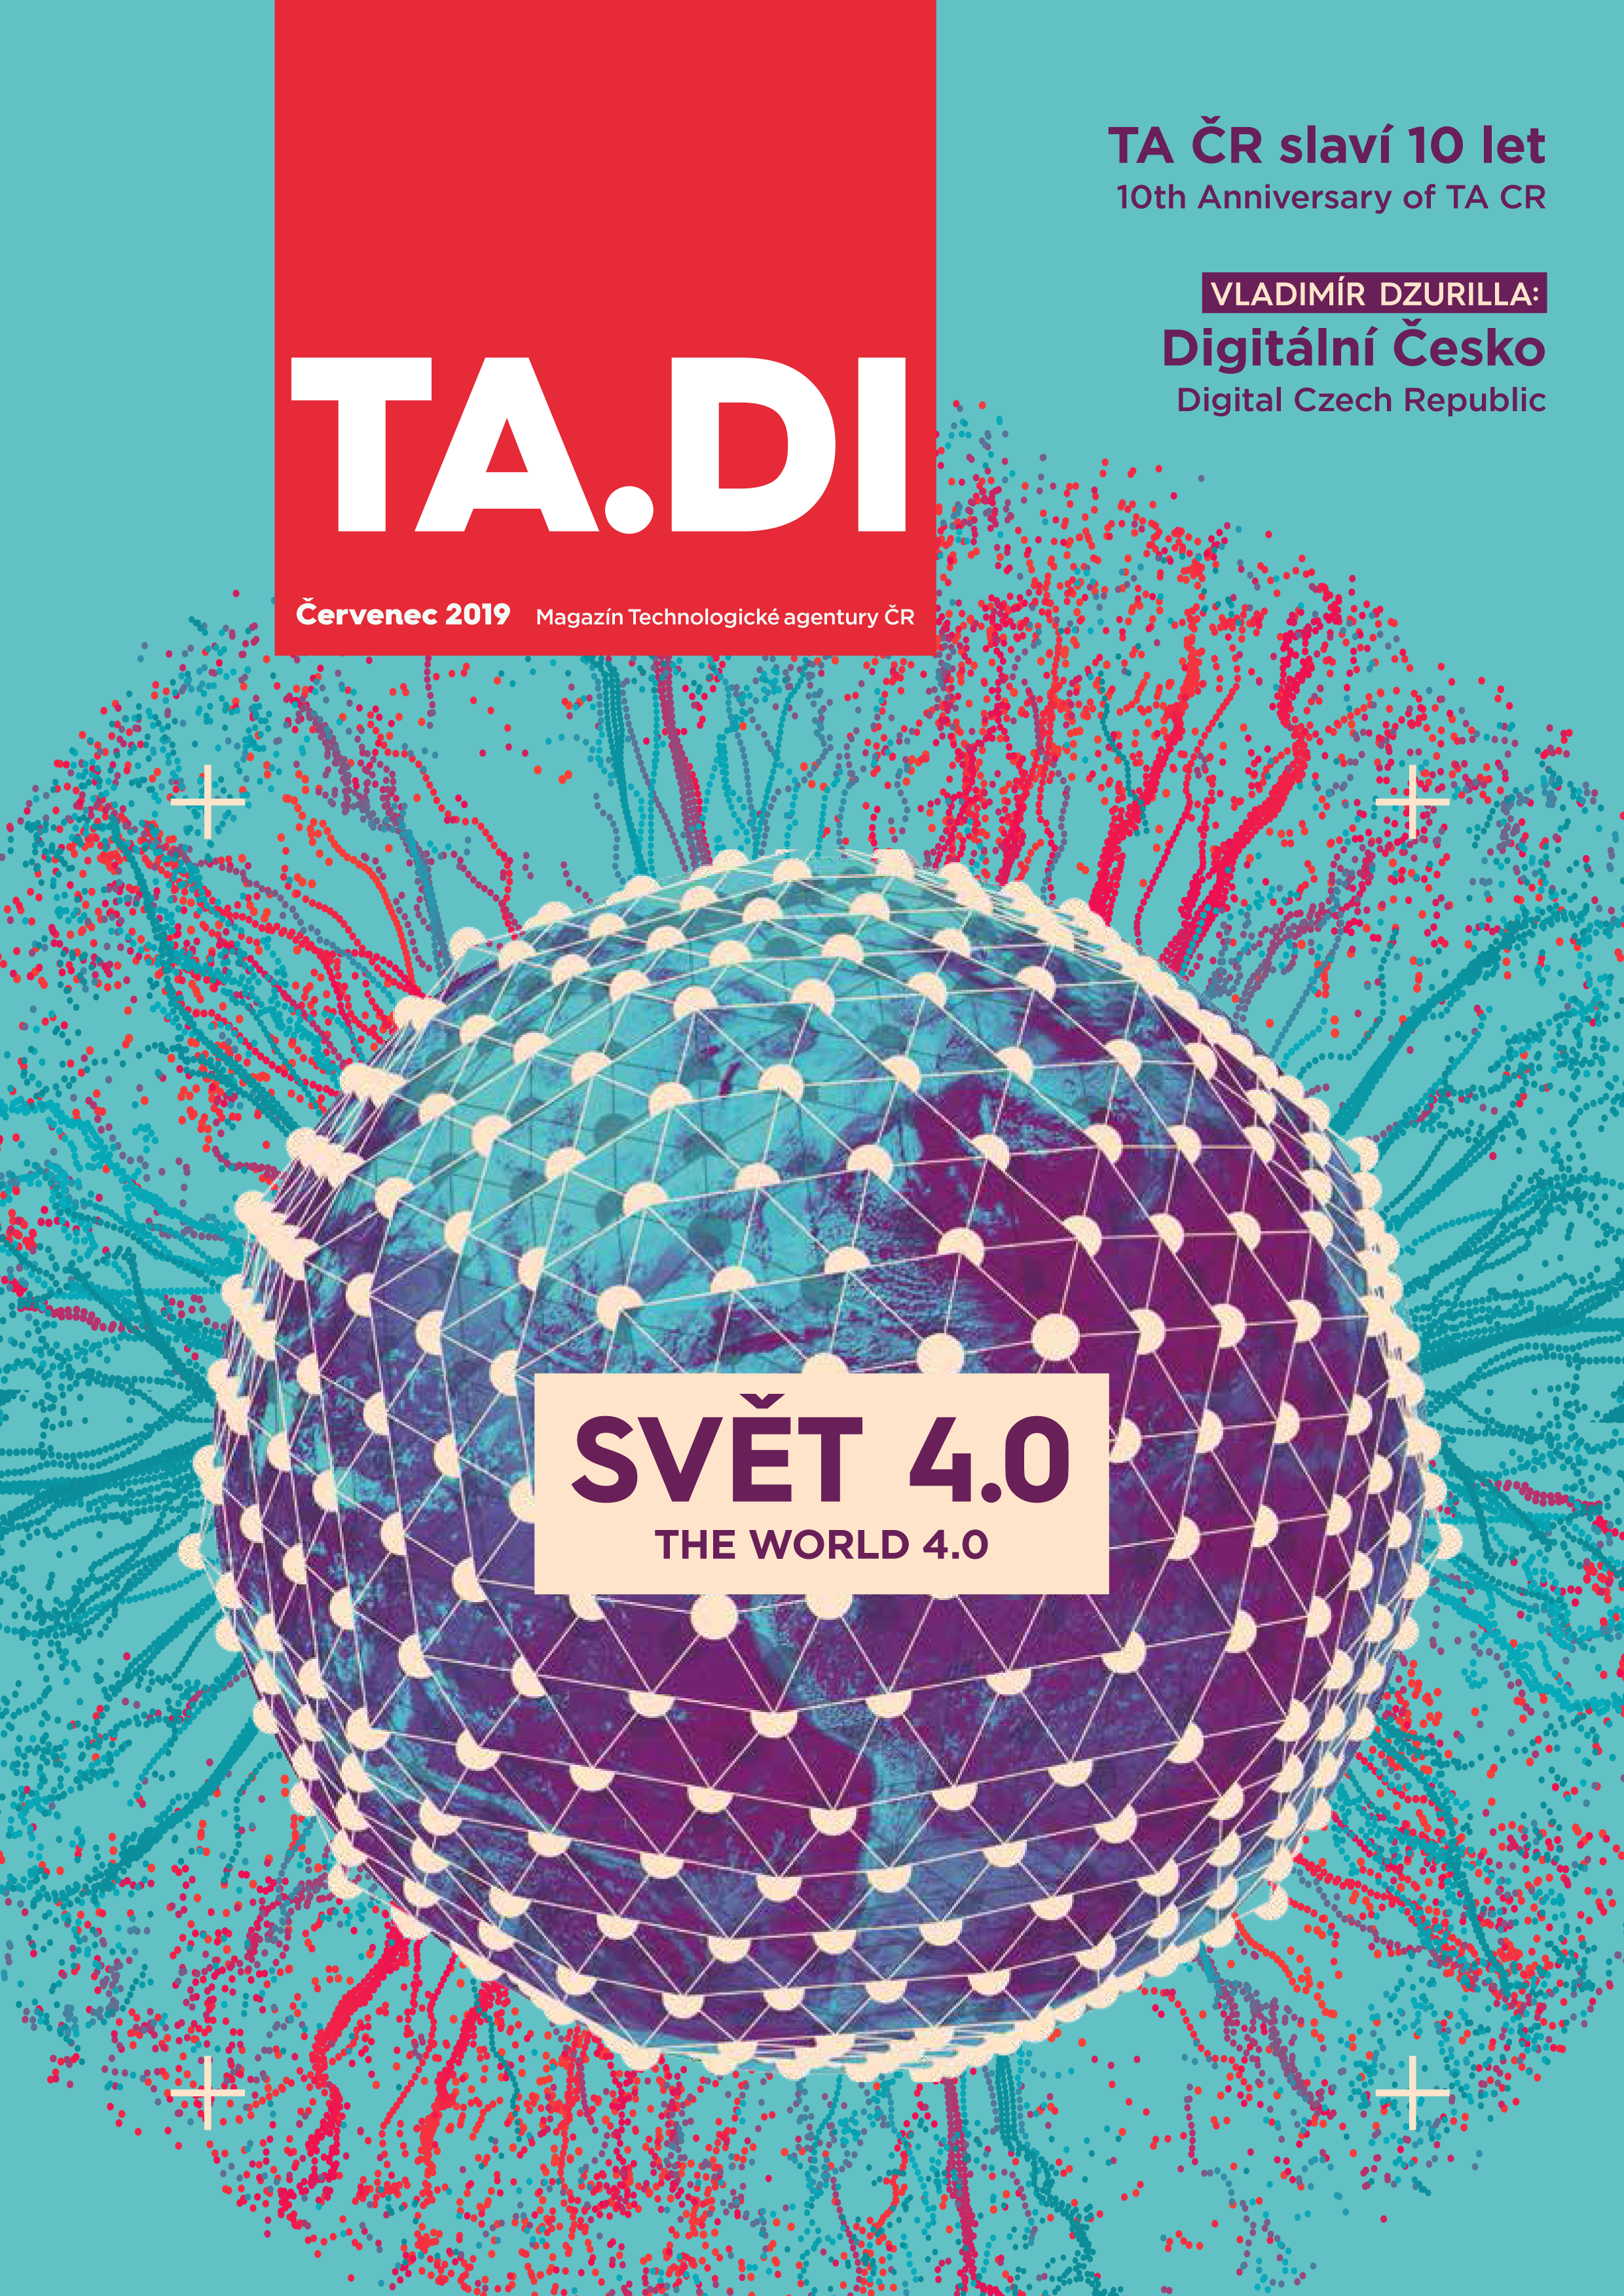 Náš článek pro časopis TAČR (Technologická agentura ČR)